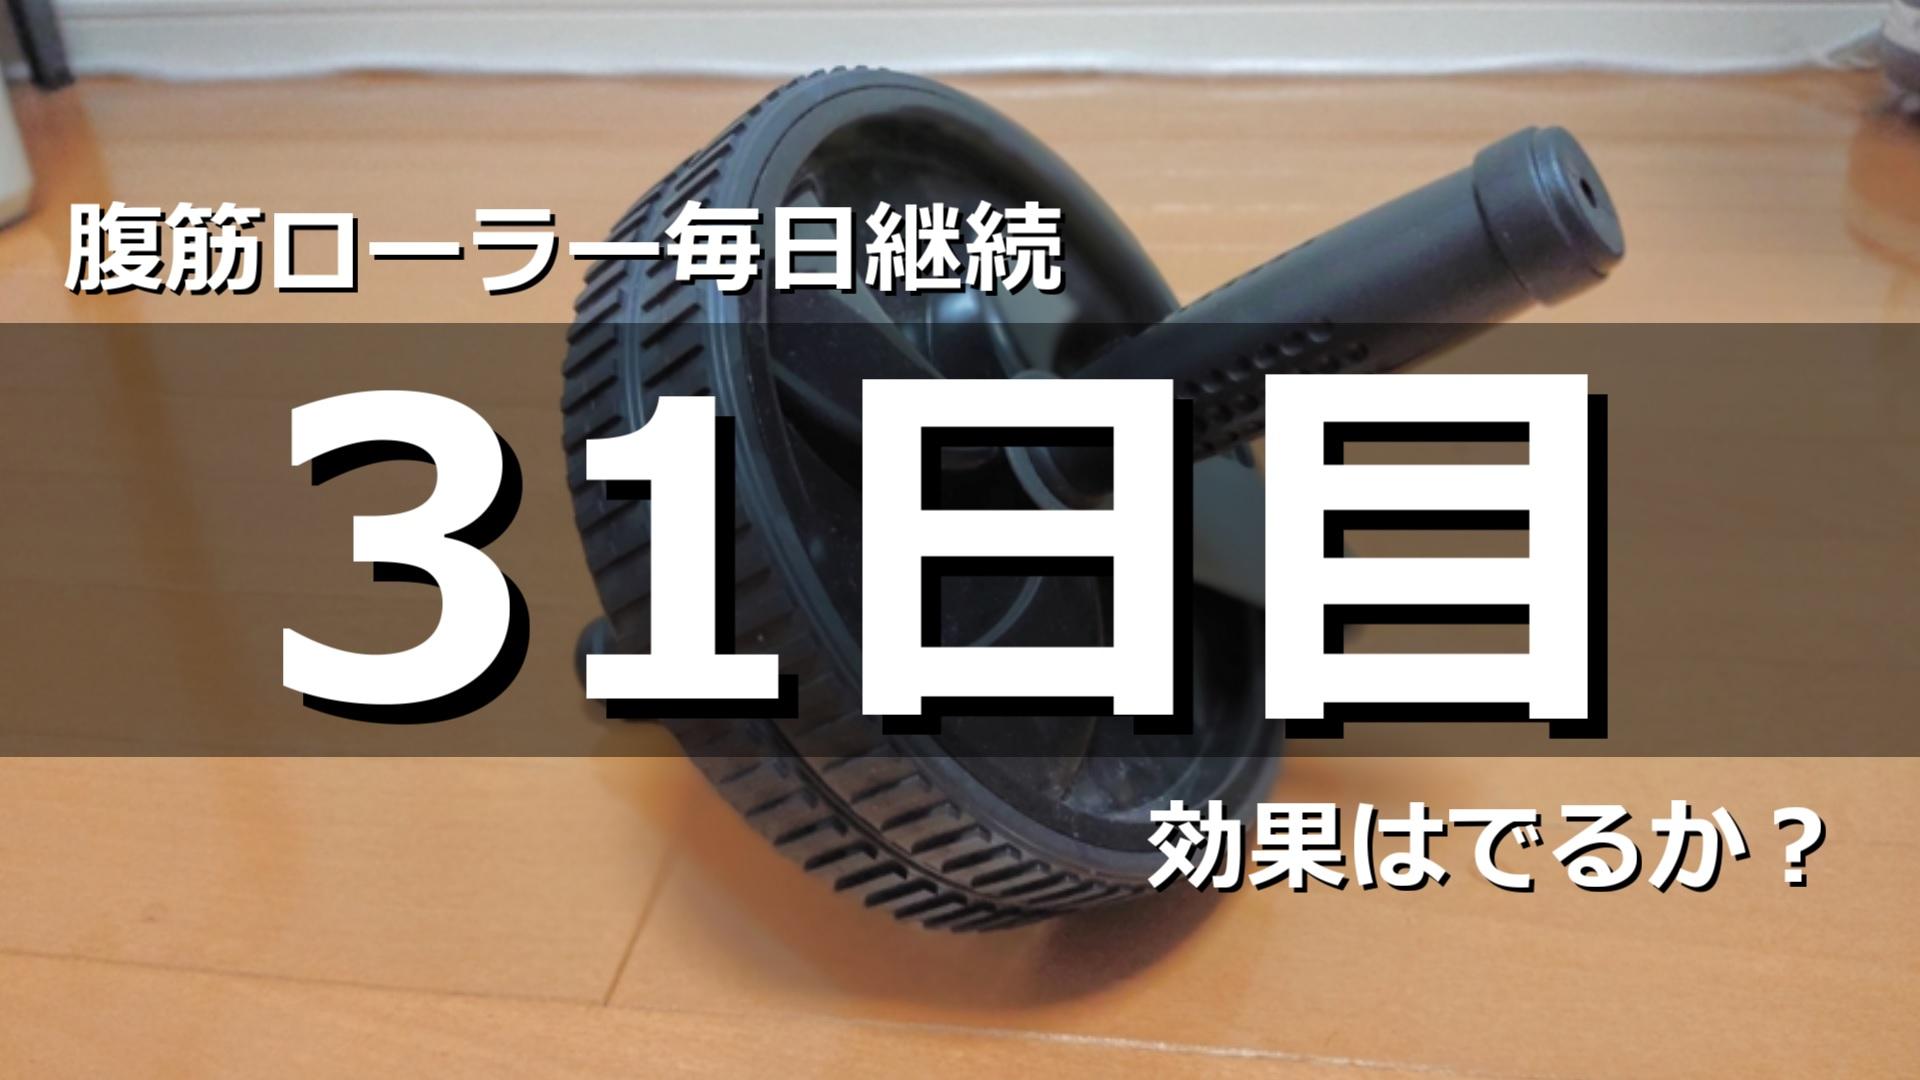 腹筋ローラー31日目